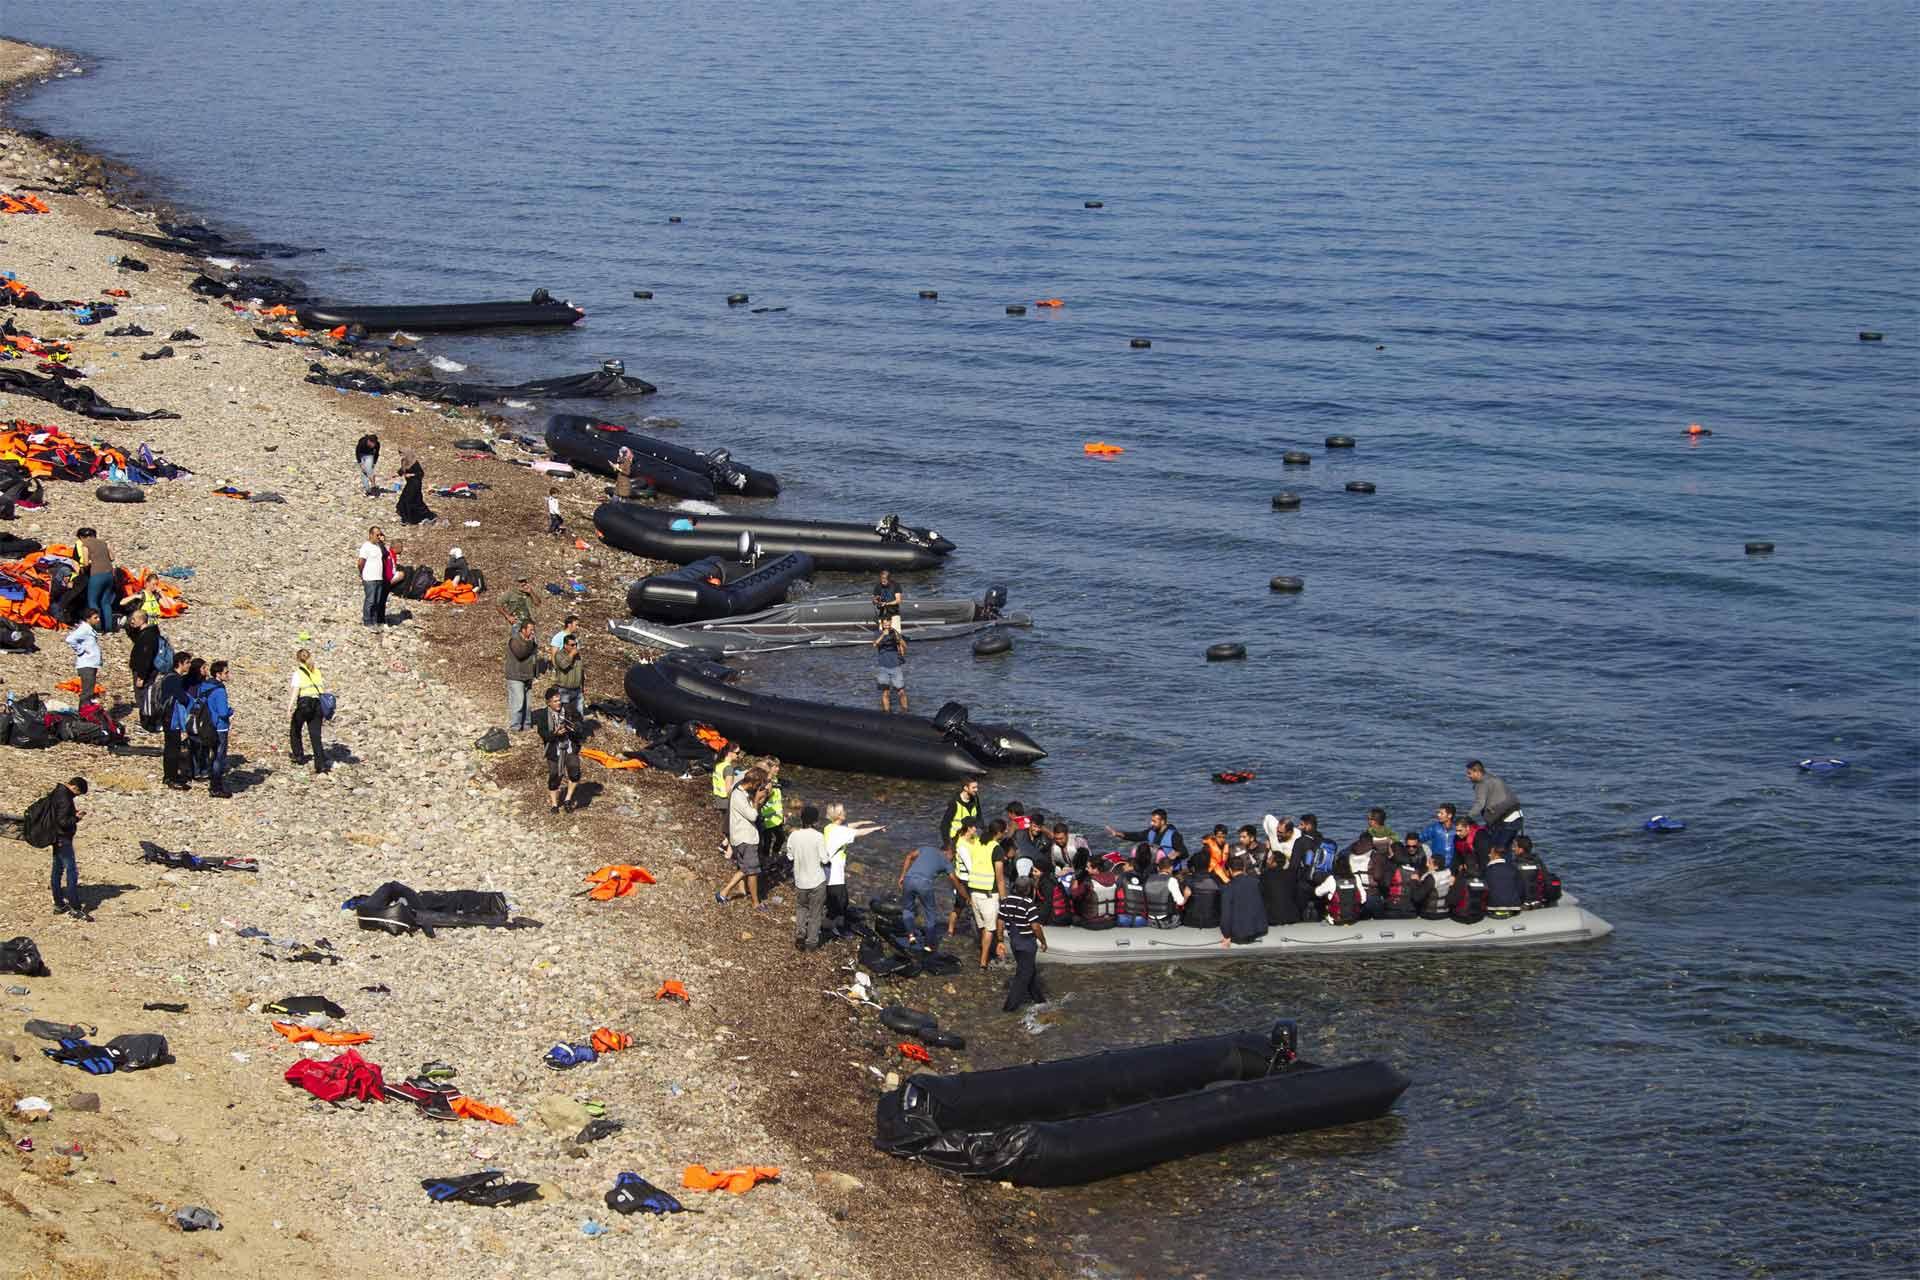 La guardia costera informó que se trata de dos niños, un hombre y una mujer en avanzado estado de descomposición